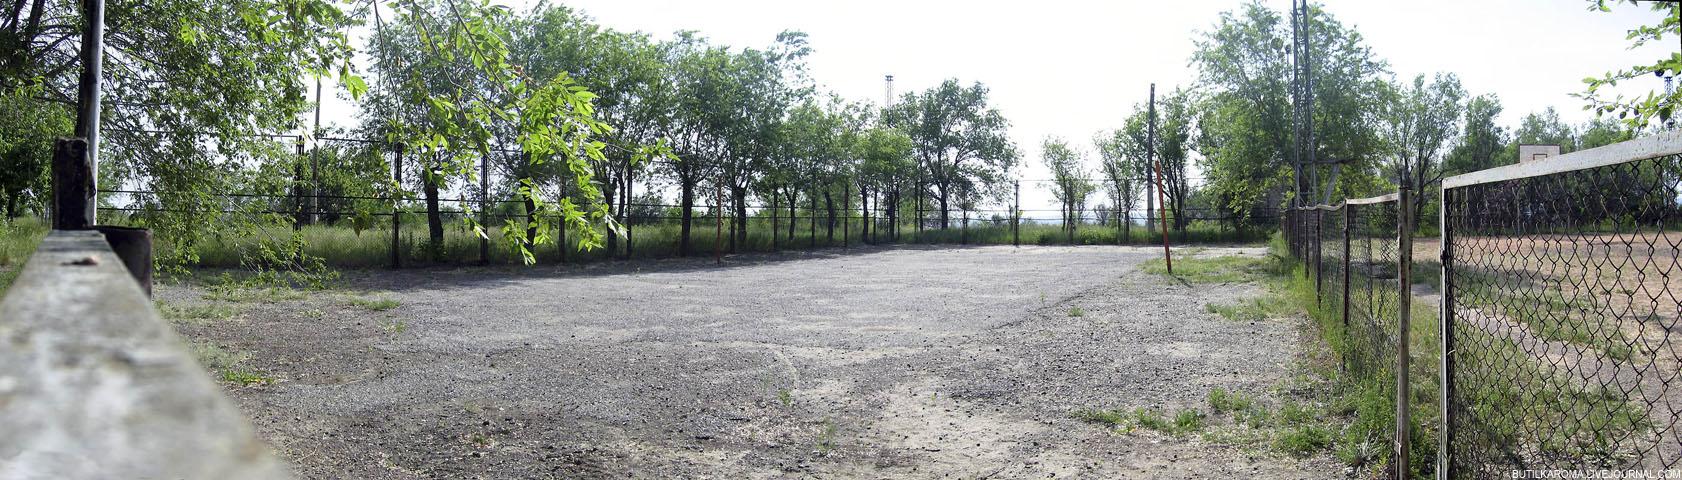 13й километр, футбольно-волейбольное поле и каток